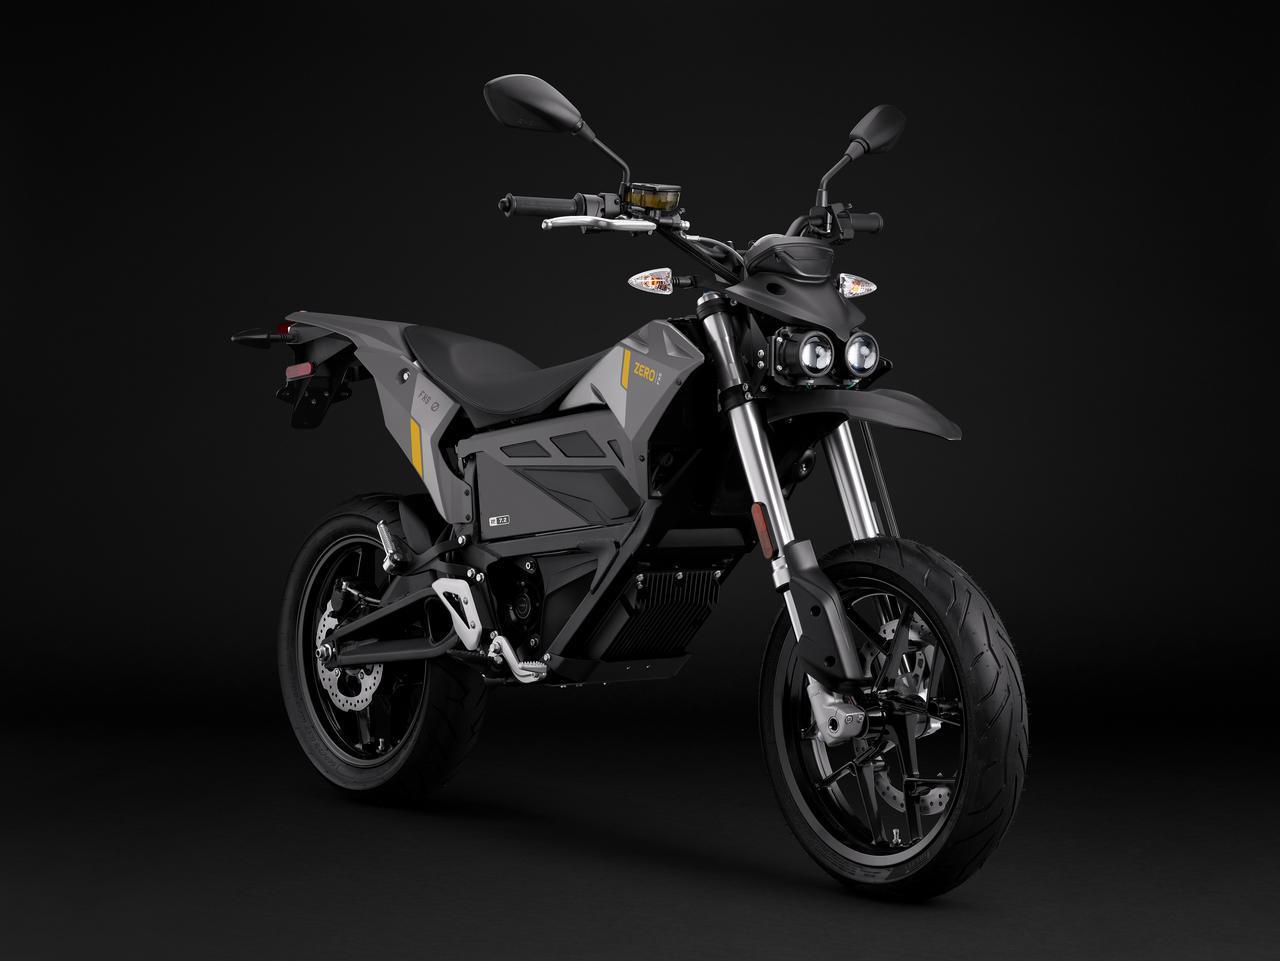 画像: オフロードモデルのFX用プラットフォームを使ったモタードモデルのFXSは、軽量車体と力強いモーターにより、軽快な走りが楽しめる1台。運転に必要なライセンスは、AT含む普通自動二輪免許です。 www.rental819.com